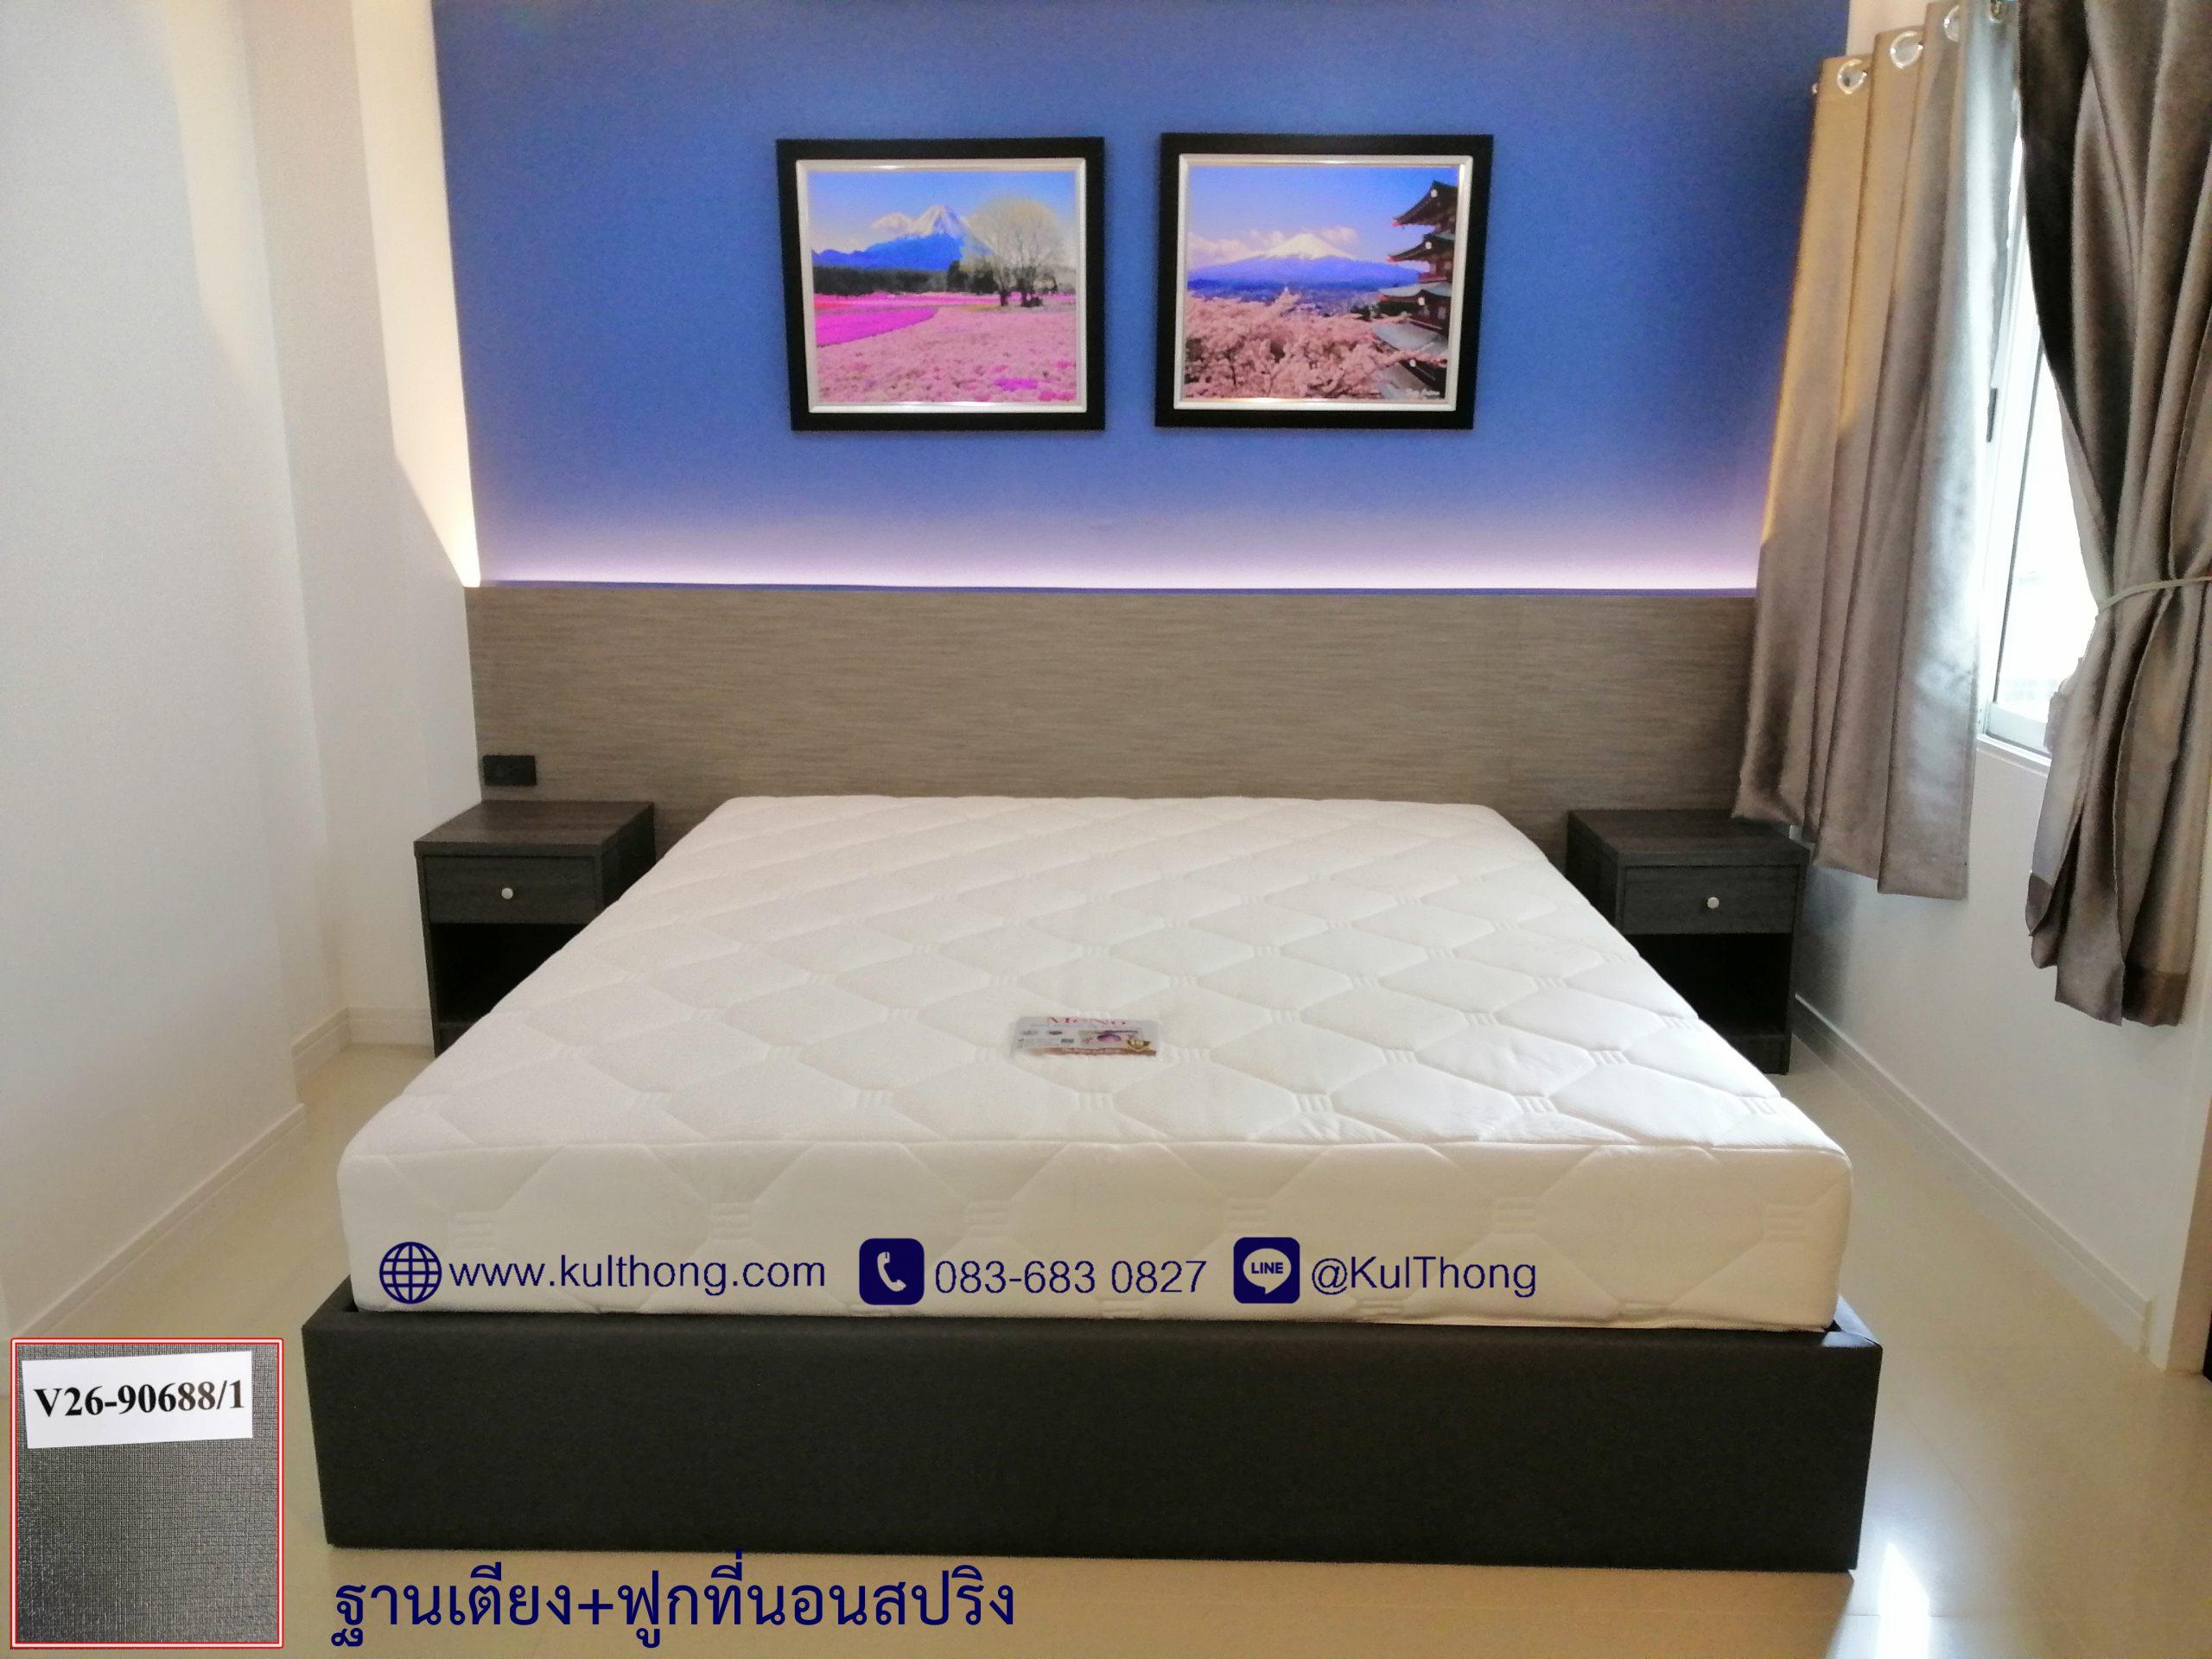 ฐานรองที่นอน เตียงหุ้มหนัง เตียงบล๊อก เตียงคอนโด